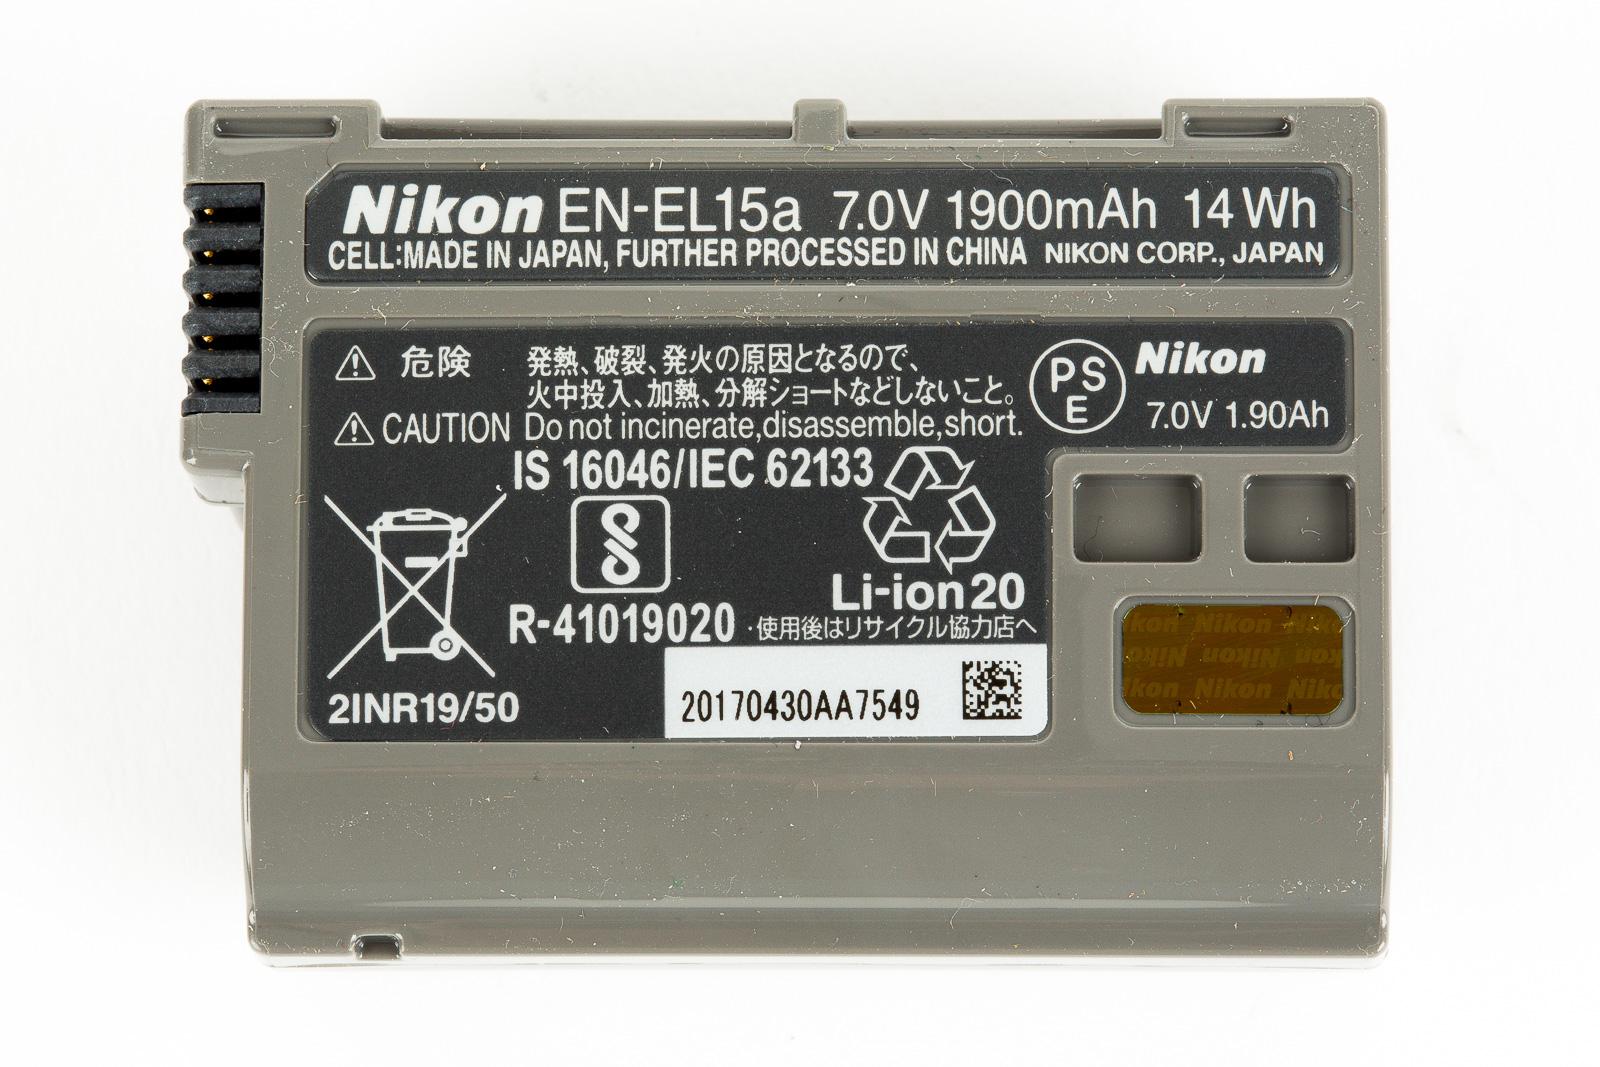 Rent a Nikon D7500 at LensProToGo com